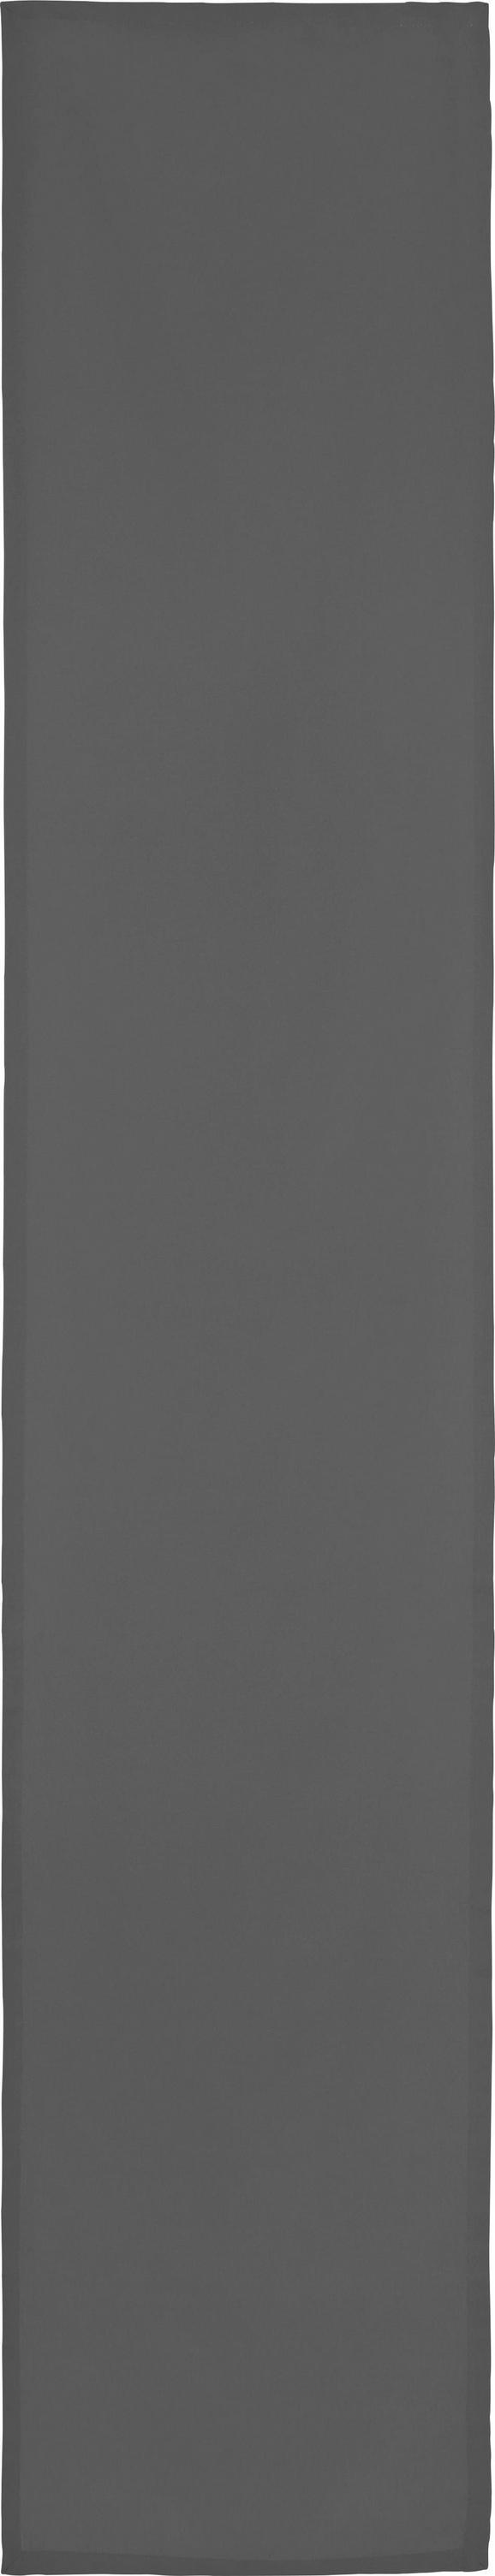 Dolg Nadprt Steffi - antracit, tekstil (45/240cm) - Mömax modern living